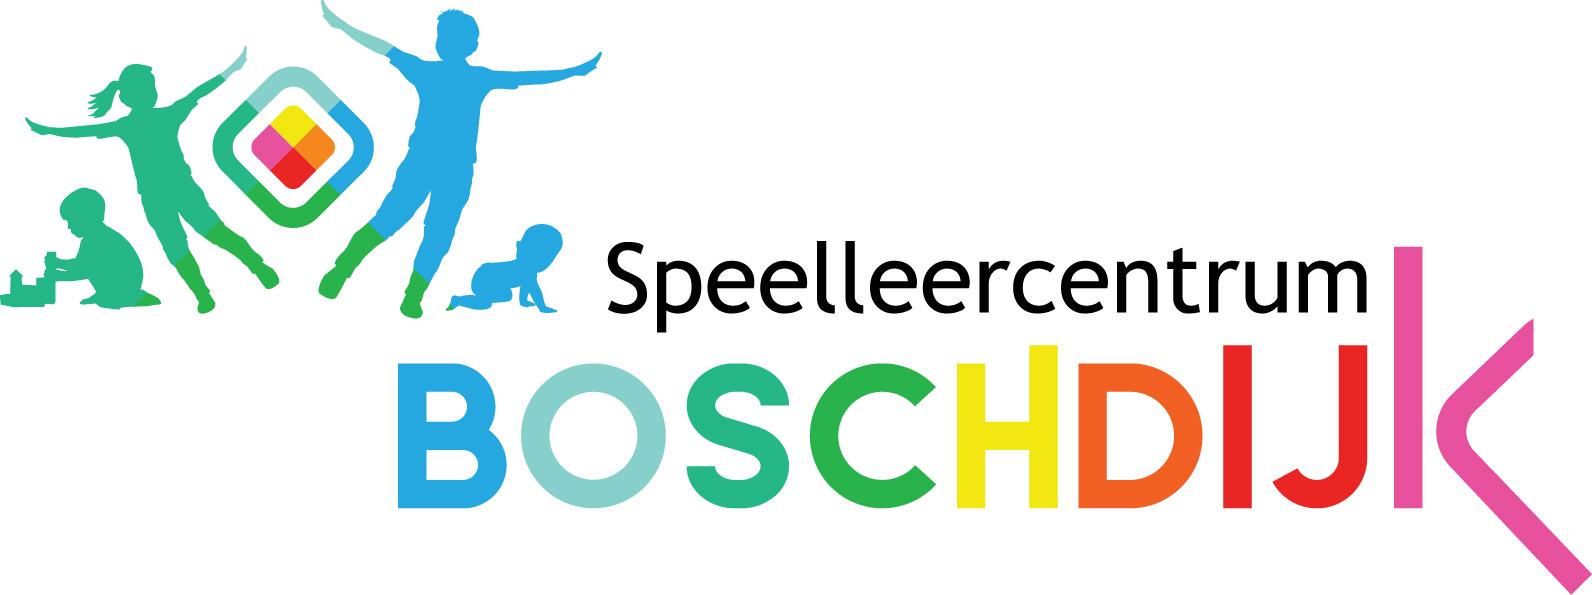 Speelleercentrum Boschdijk_rgb